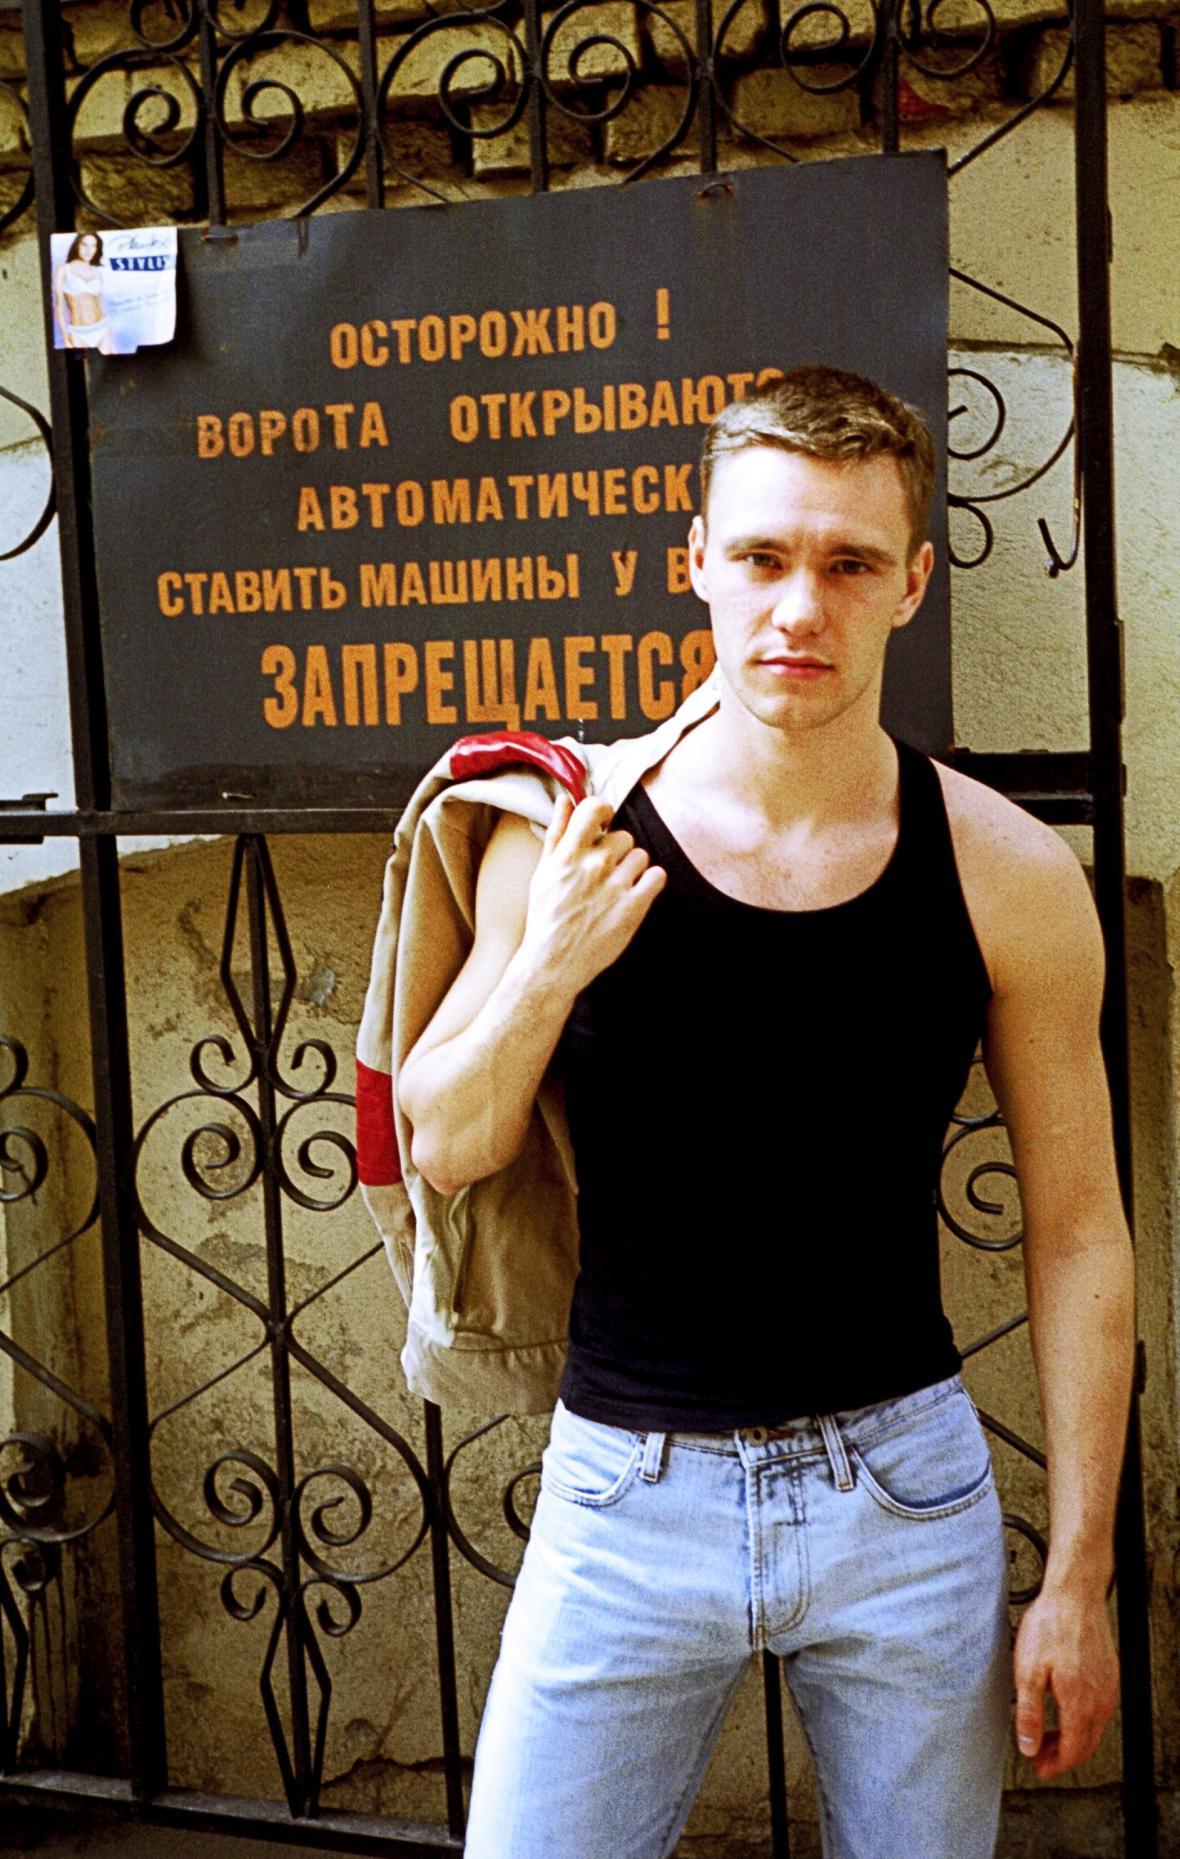 Ztracení chlapci: Srdečné pozdravy z Ruska